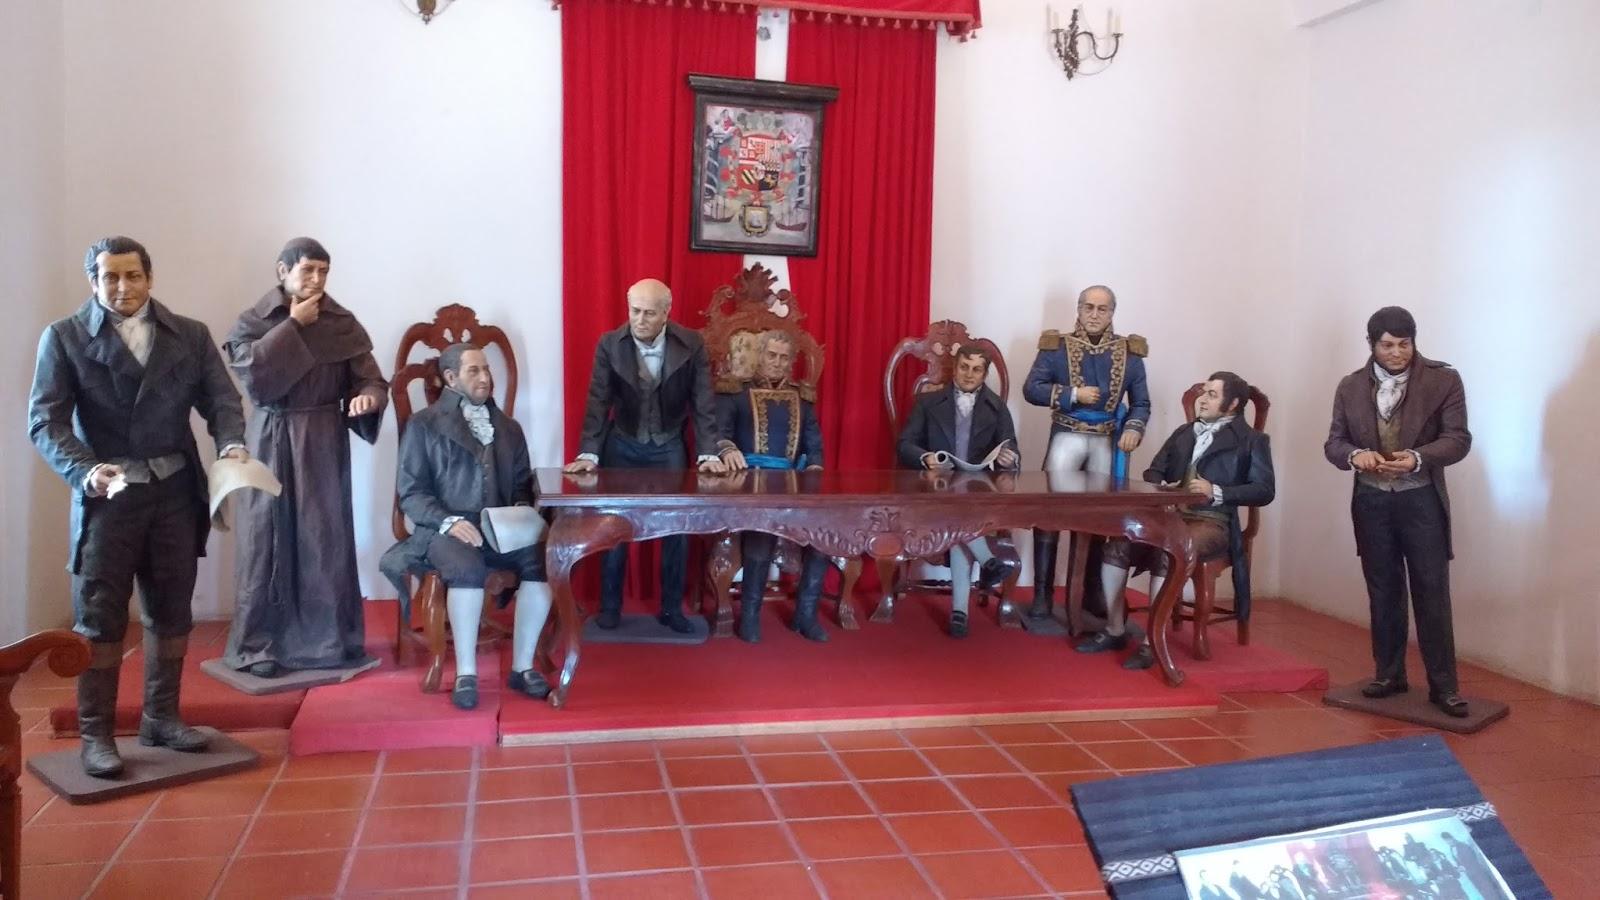 Narrativas Sobre La Pr Ctica Docente 1810 En Vivo Y En Directo # Muebles Cabildo